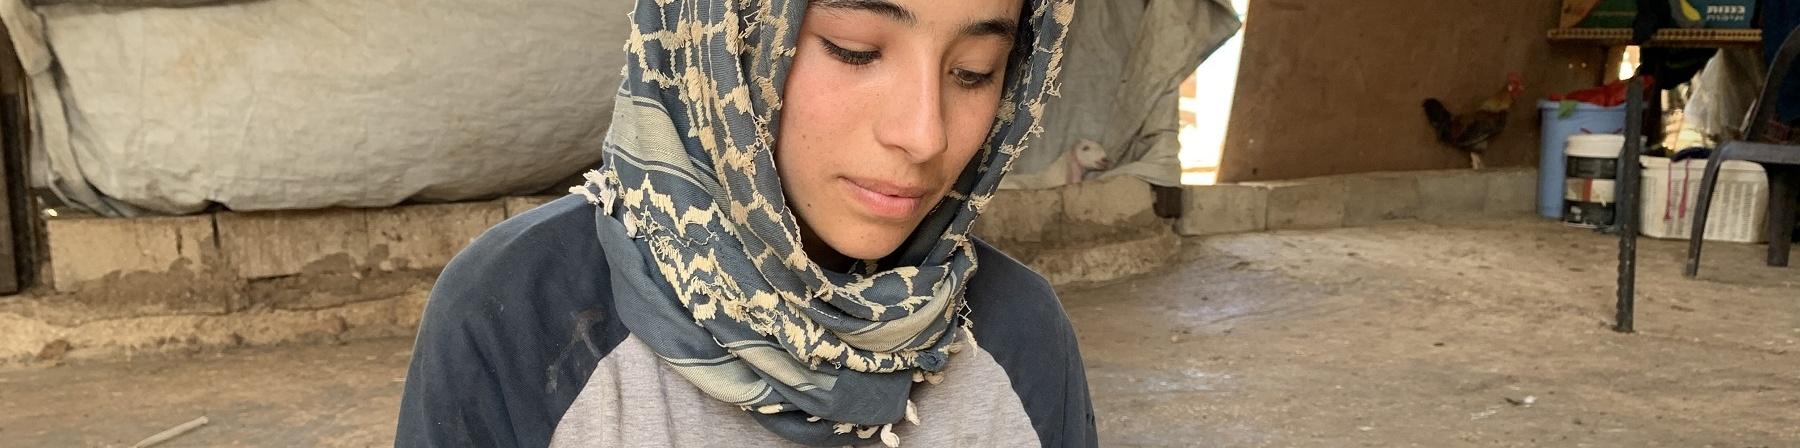 Ragazza palestinese con kufia in testa è seduta a terra e legge un quaderno che tiene poggiato sulle ginocchia